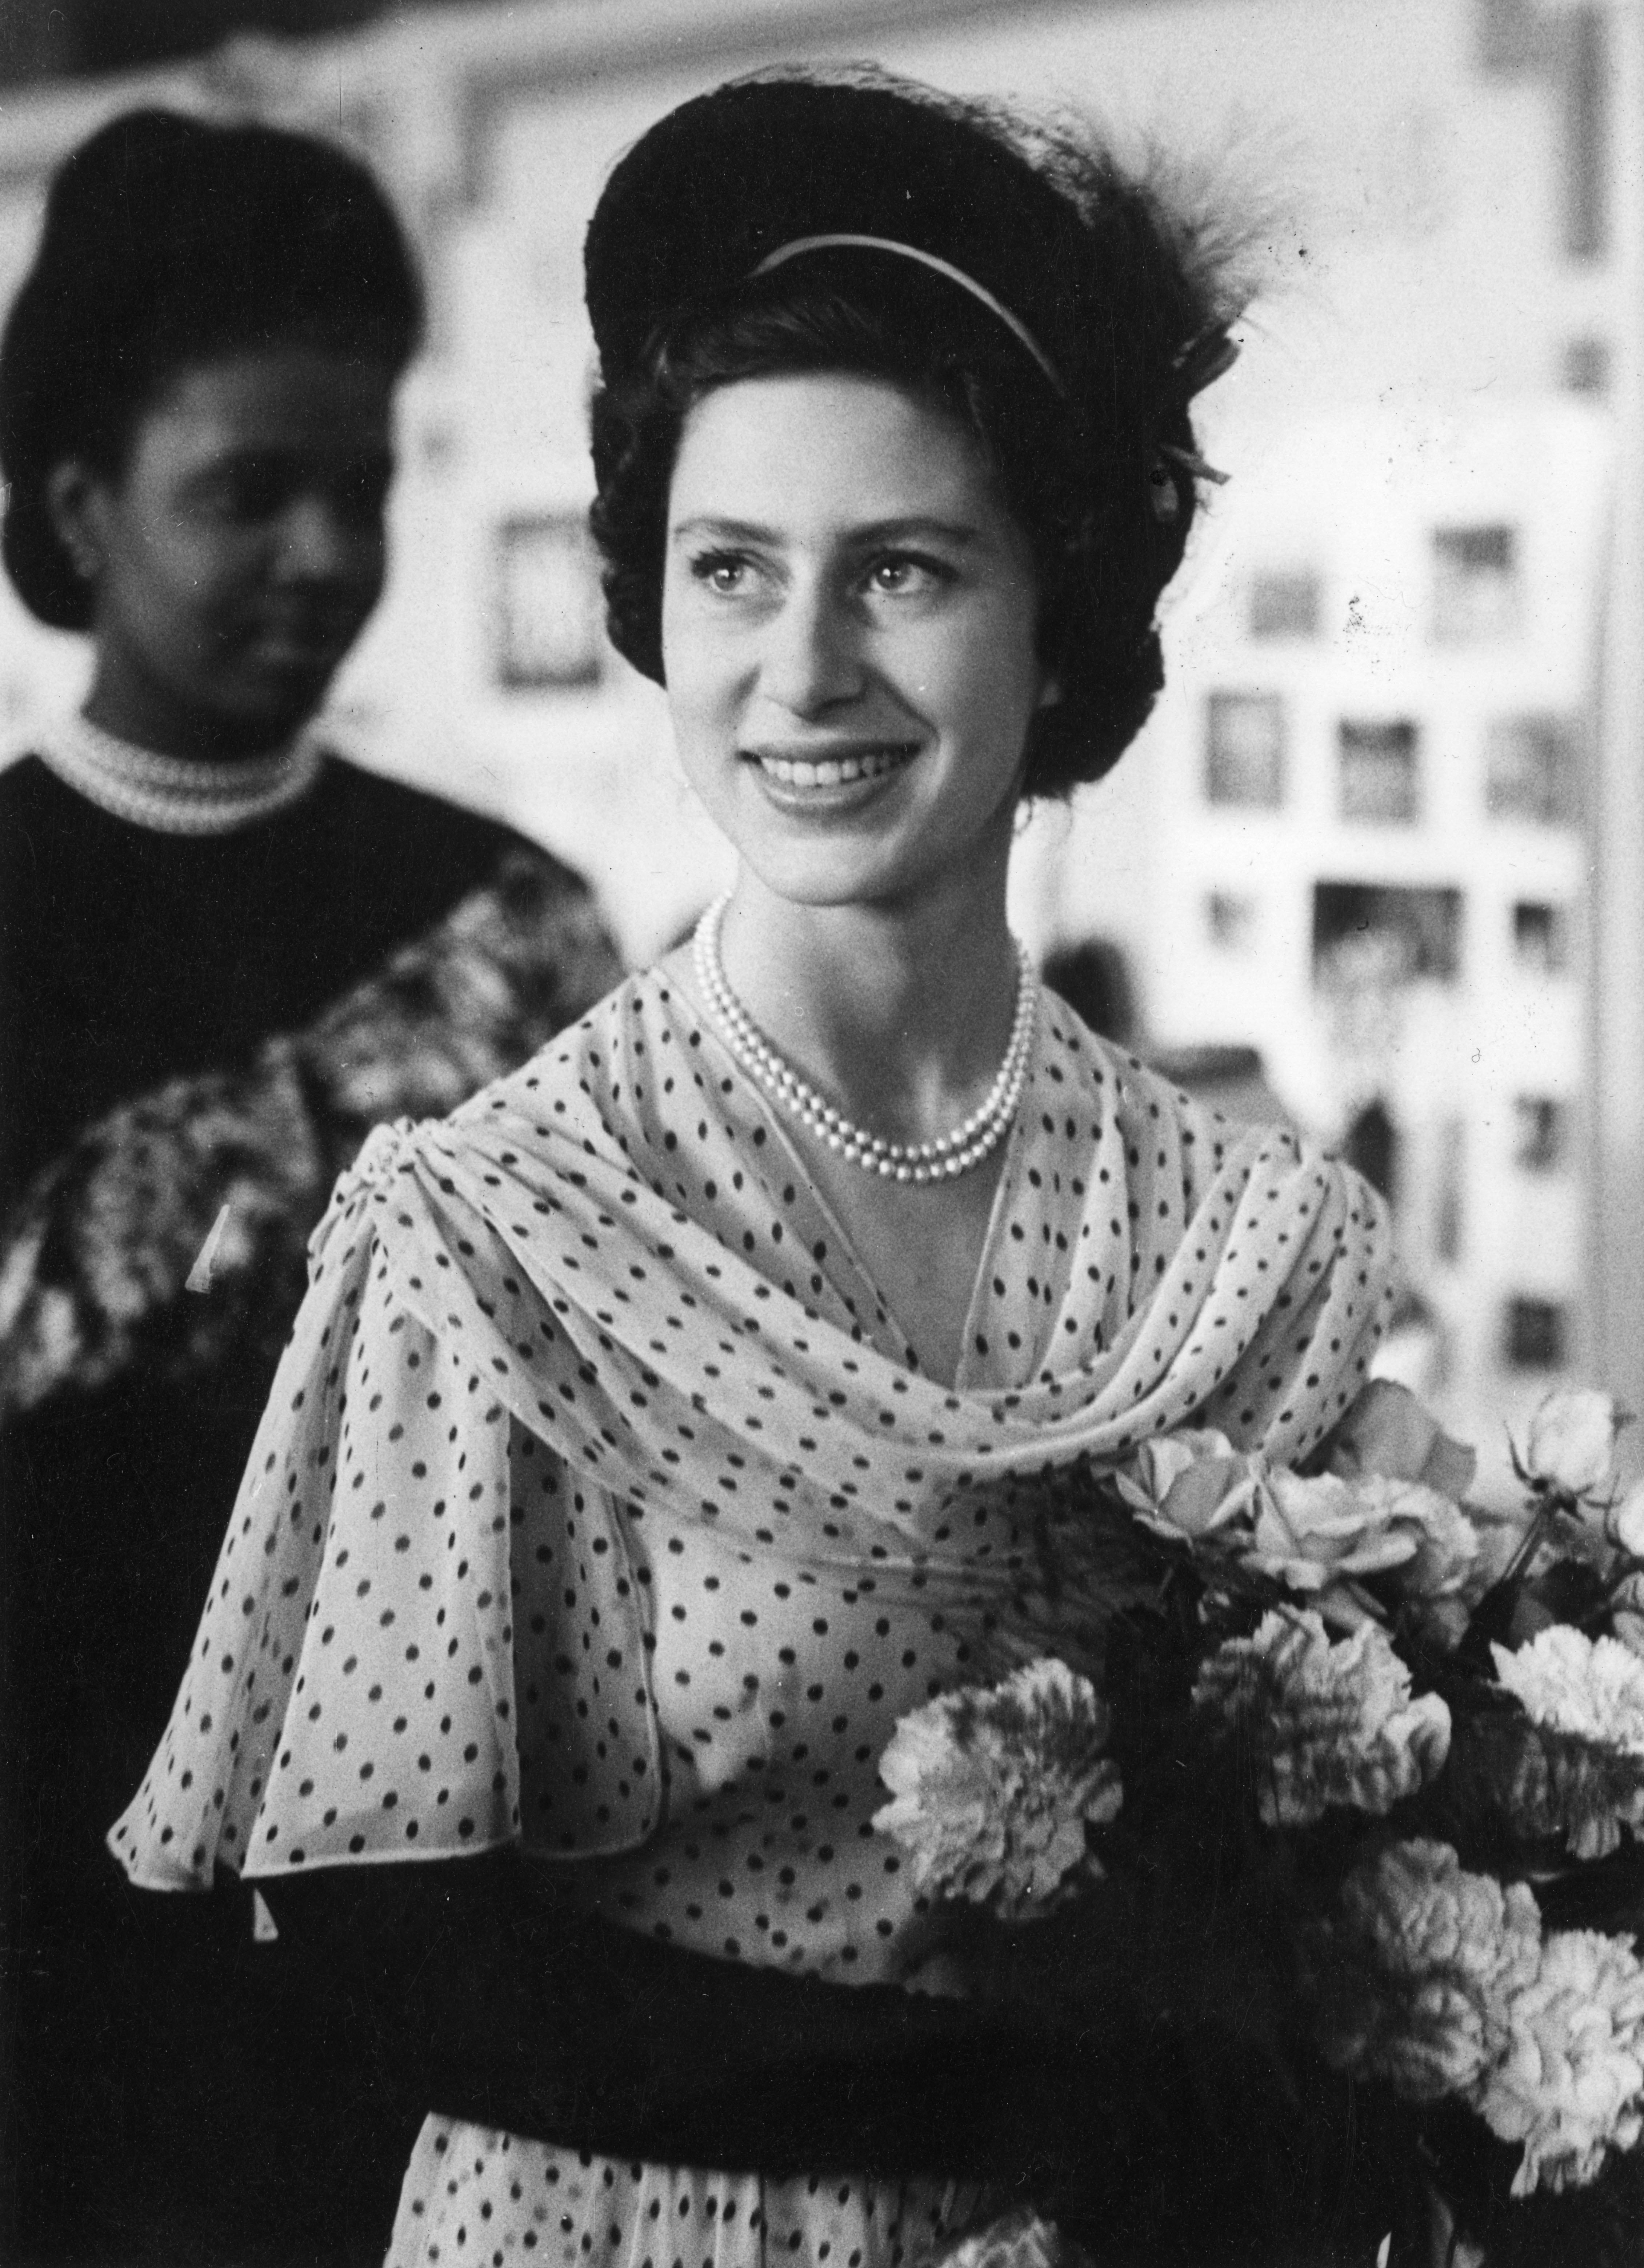 Einige Menschen glaubten, dass Prinzessin Margaret weder sprechen noch hören konnte.